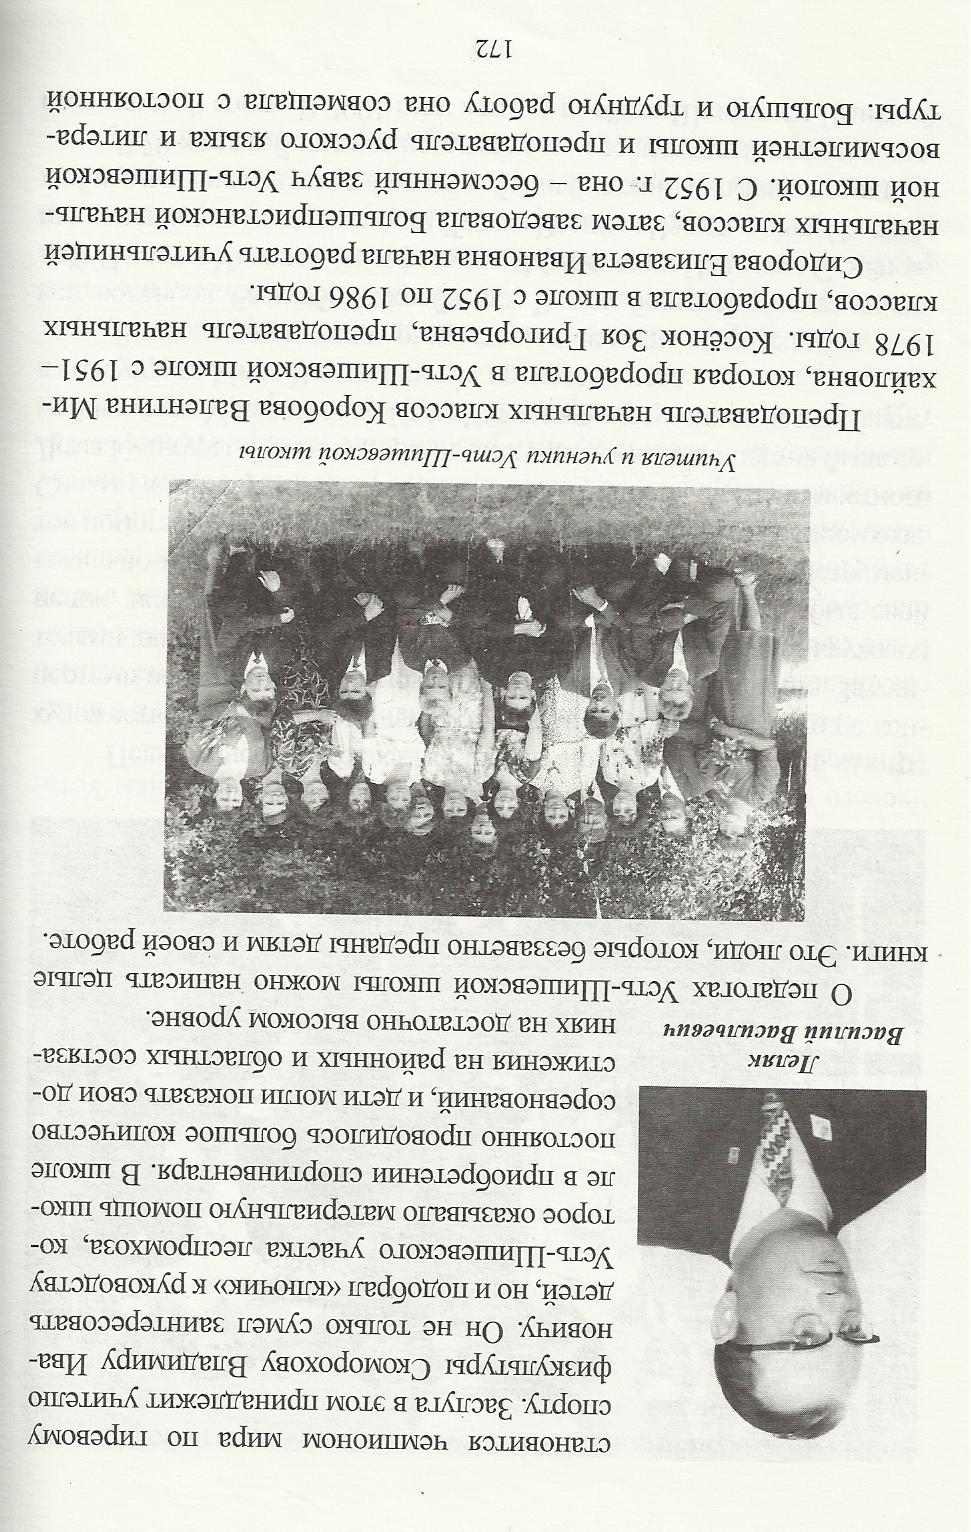 C:\Users\Иван\Pictures\2012-01-14 к\к 005.jpg